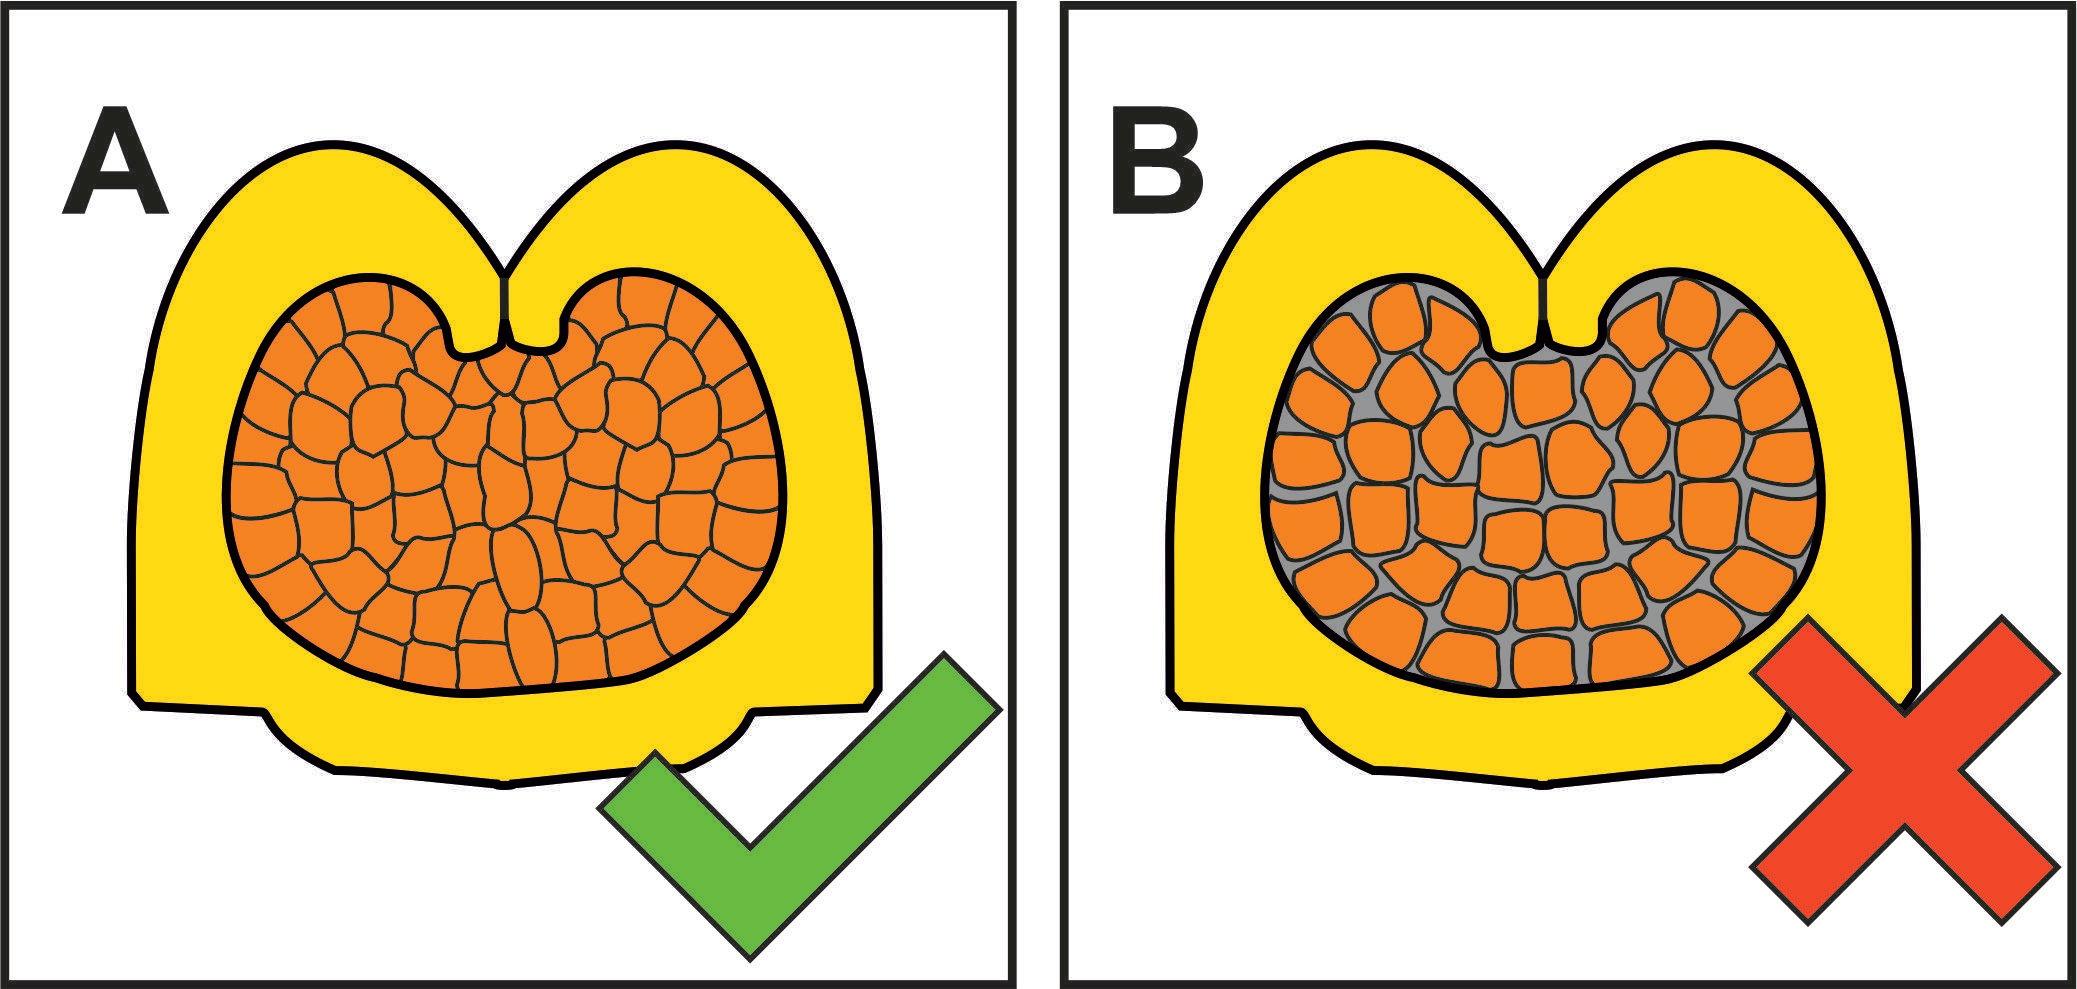 Querschnitt einer korrekten und fehlerhaften Crimpstelle